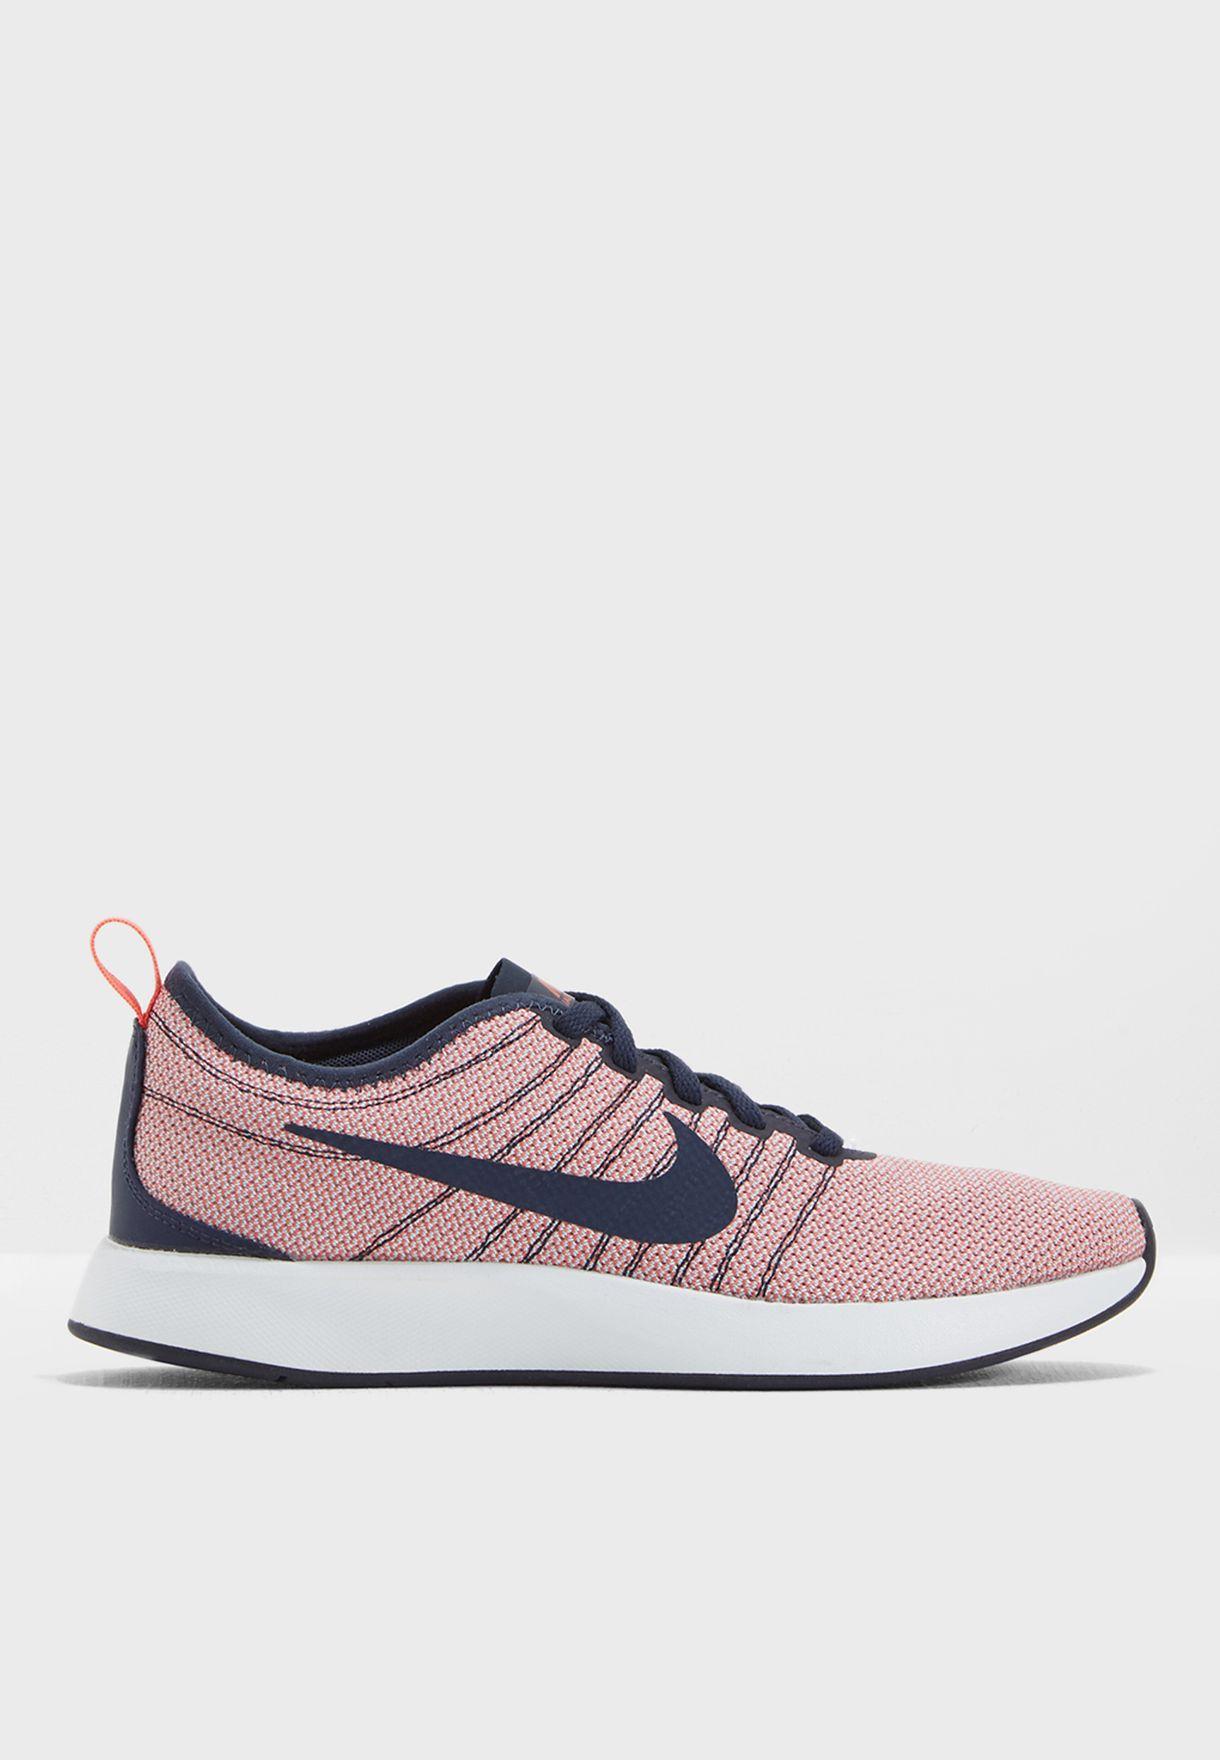 11c00e0e3799 Shop Nike multicolor Dualtone Racer 917682-801 for Women in UAE -  NI727SH23KAU